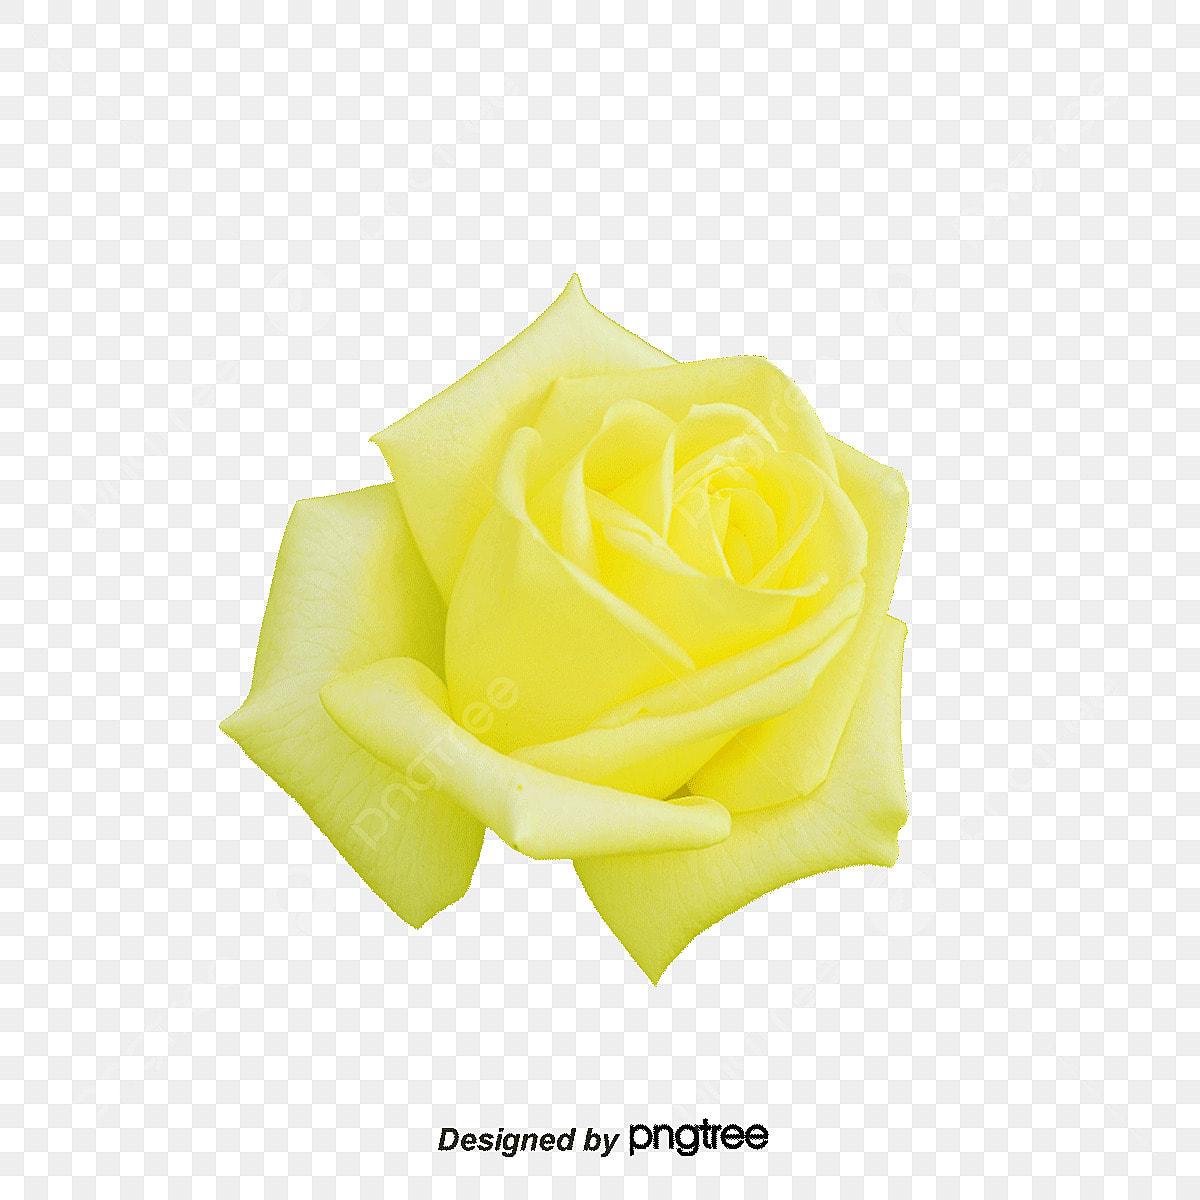 黄バラ イエローローズ ローズ 春のクリップ画像とpsd素材ファイルの無料ダウンロード Pngtree